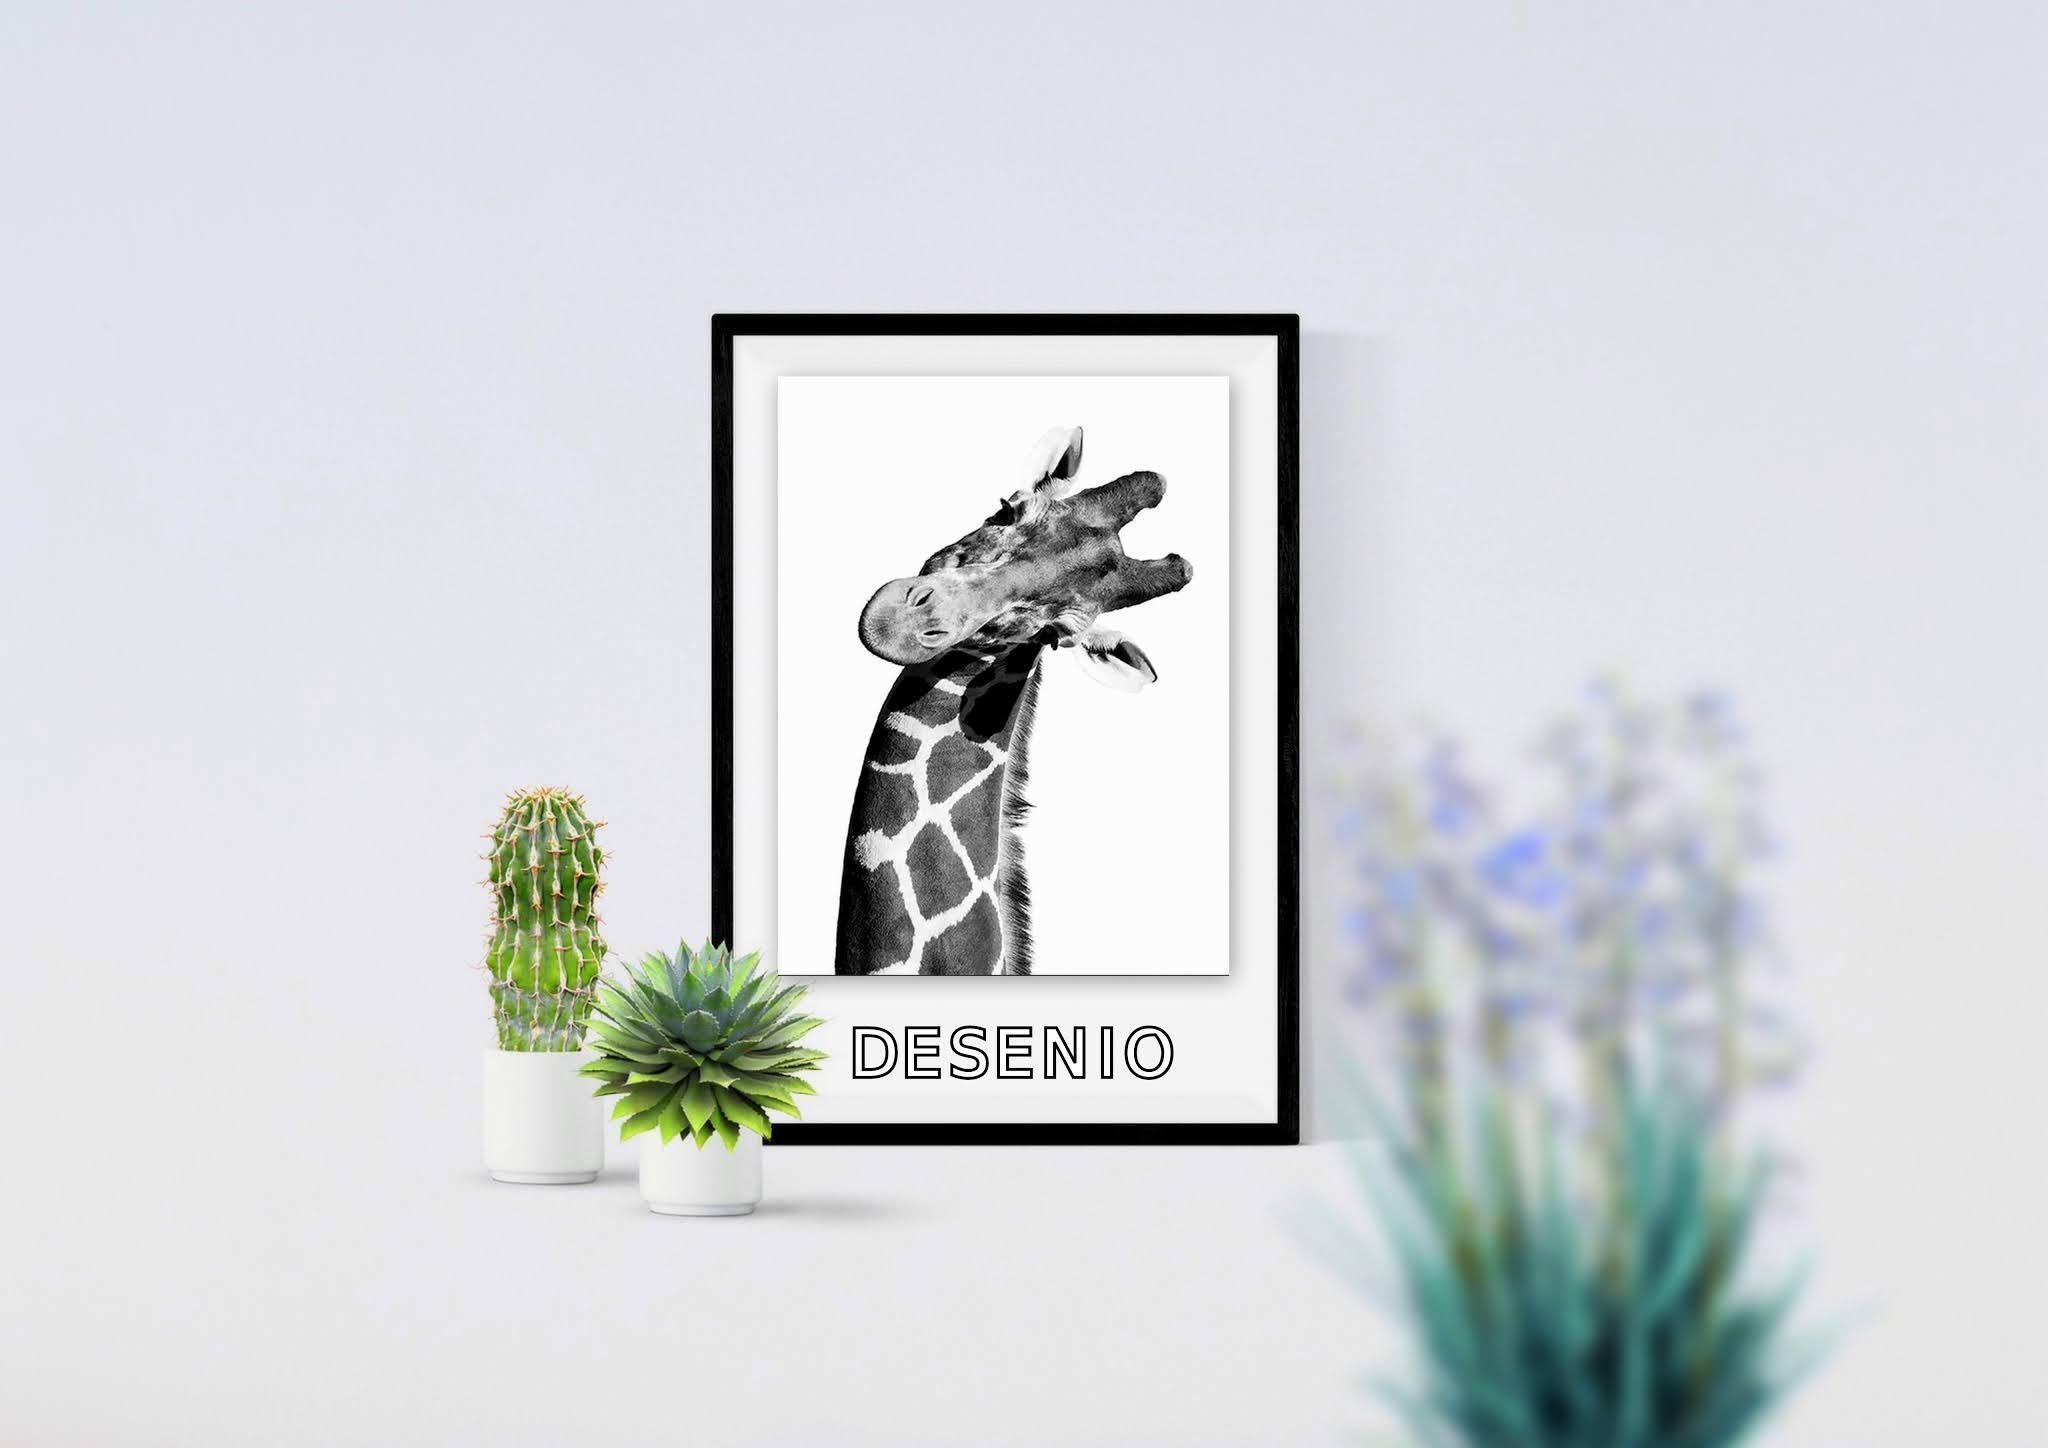 Plakat jako stylowa i nowoczesna alternatywa obrazu - DESENIO